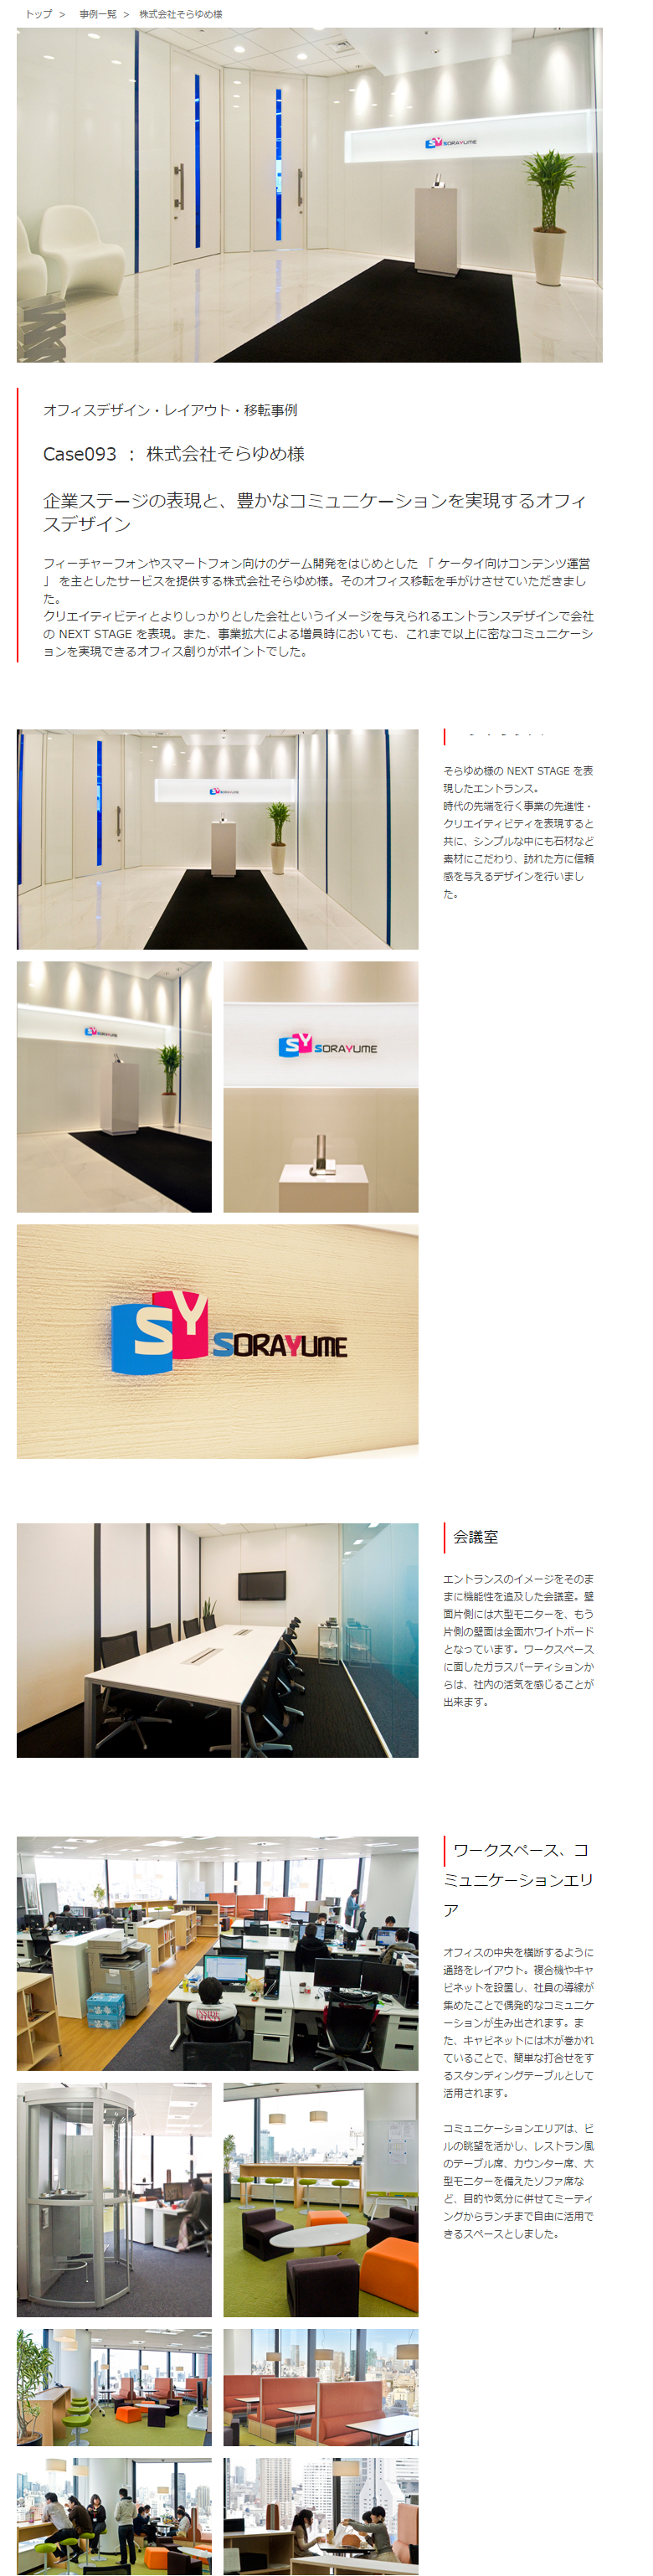 オフィス事例 【 株式会社そらゆめ 様 】 | 翔栄クリエイト